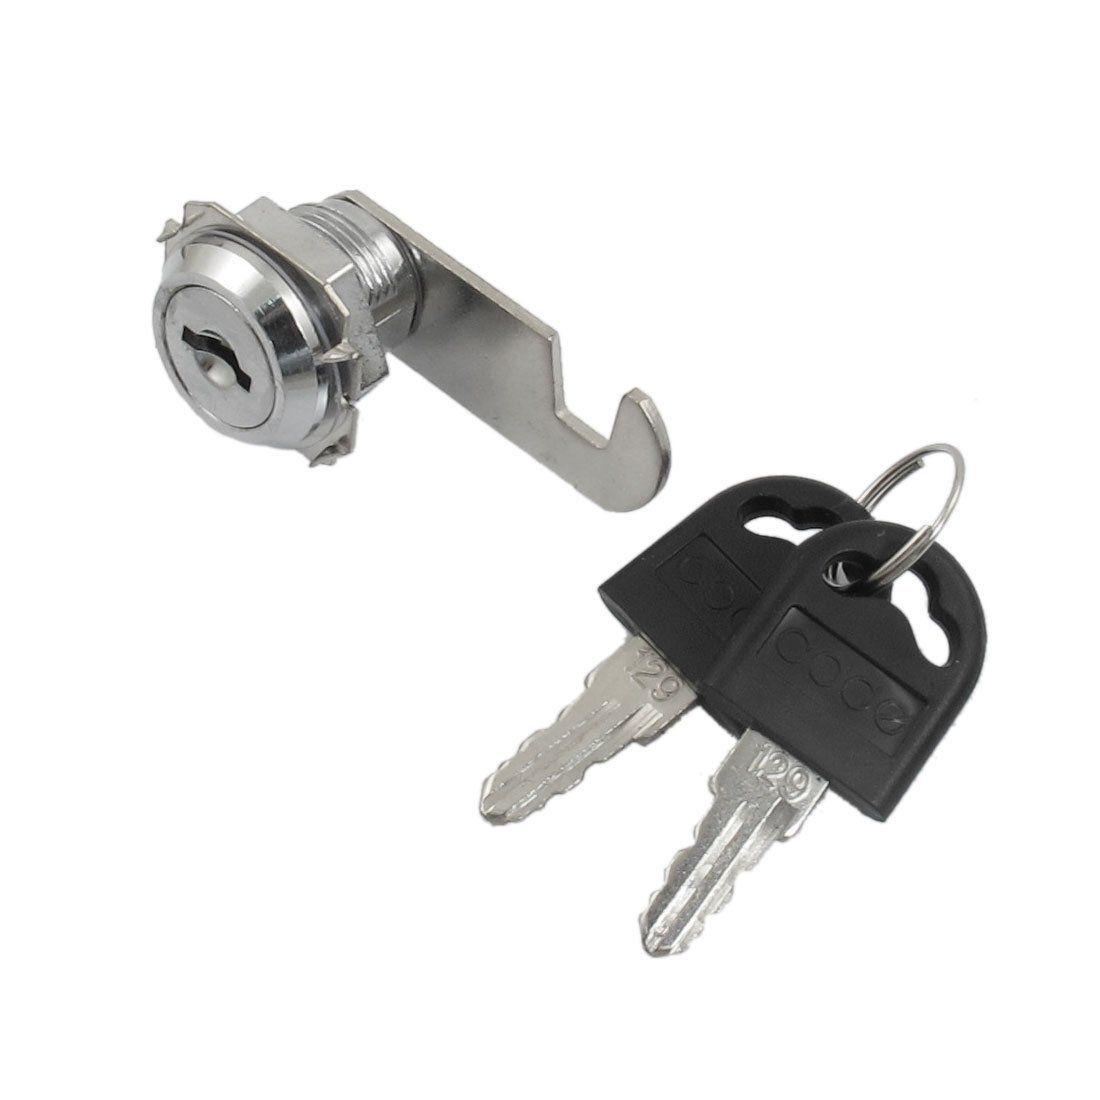 Uxcell Desk Tool Quarter Turn Keys Cam Lock 19mm Thread Desk Cabinet Tool Box 2 Keys